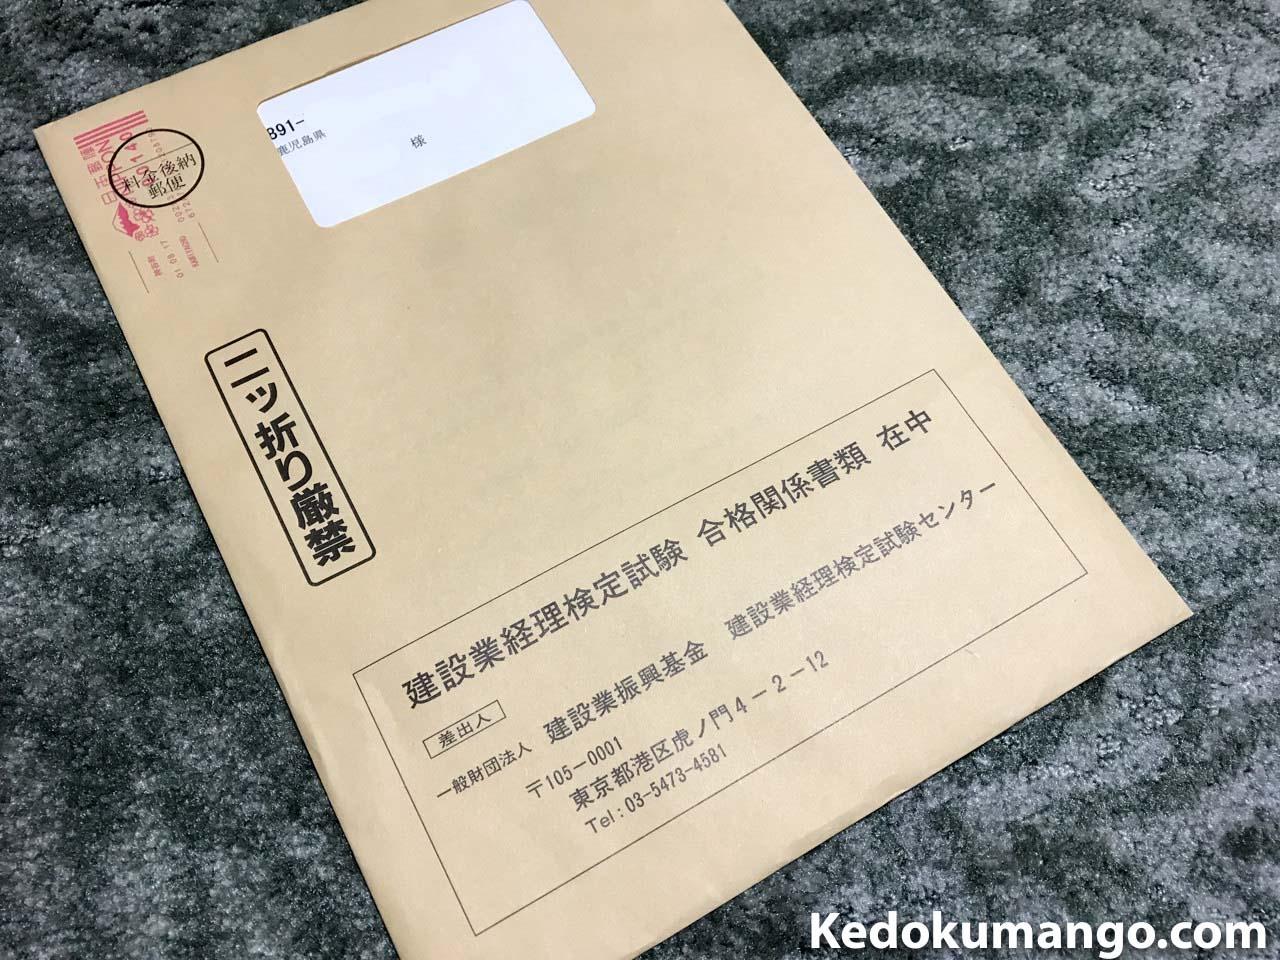 合否通知の入った封筒